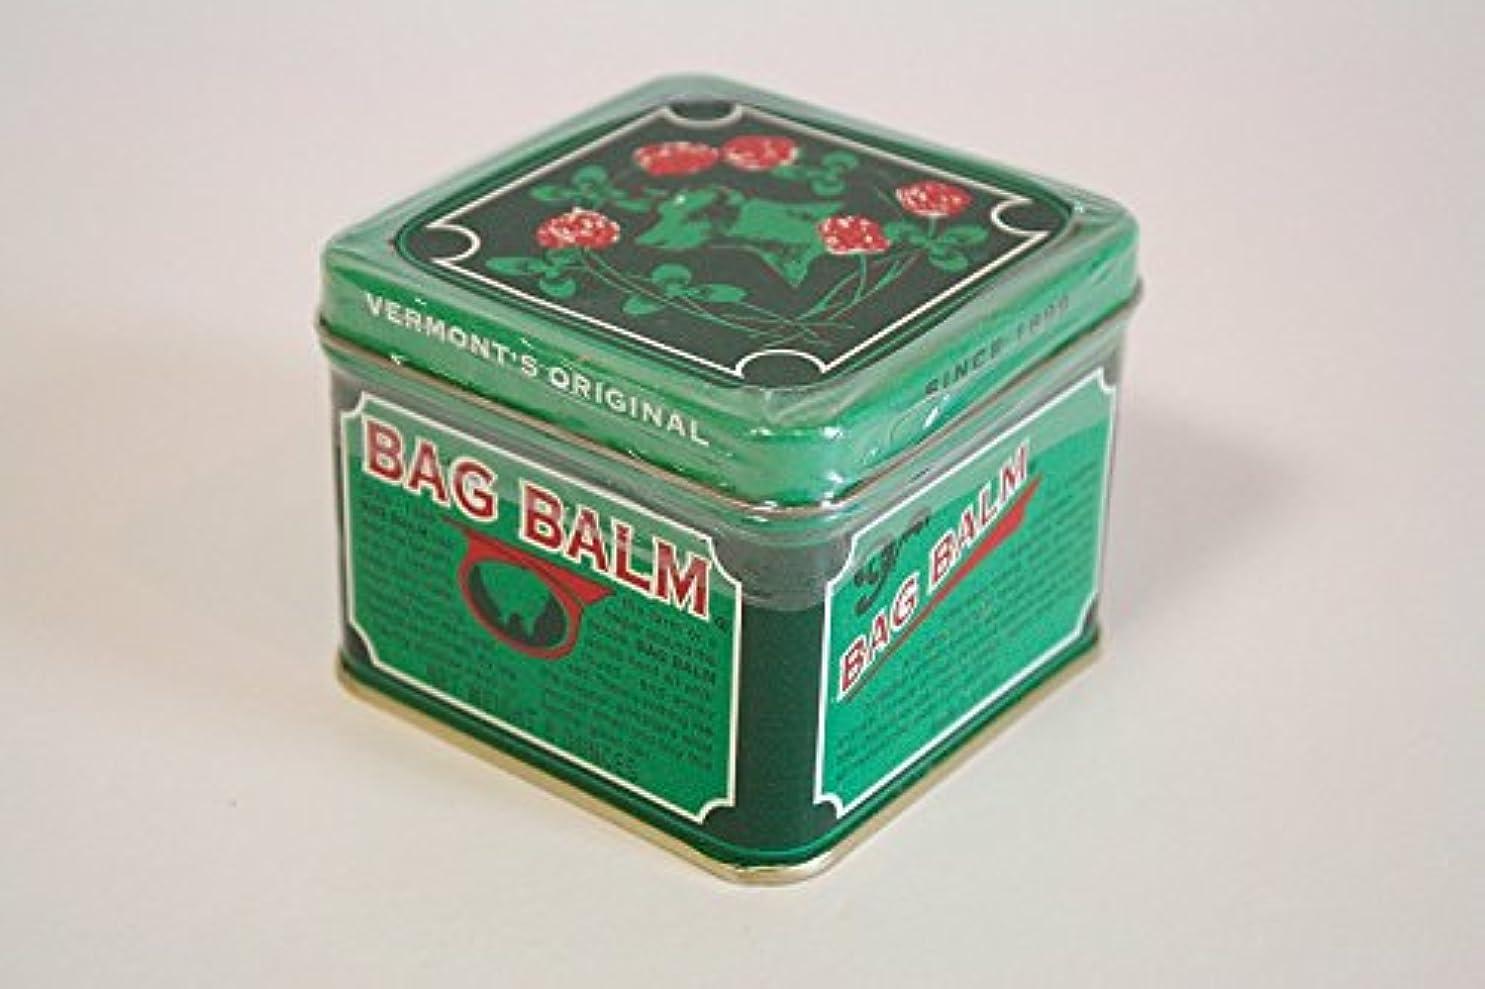 囲まれたハリウッド背が高いBag Balm バッグバーム 8oz 保湿クリーム Vermont's Original バーモントオリジナル[並行輸入品]